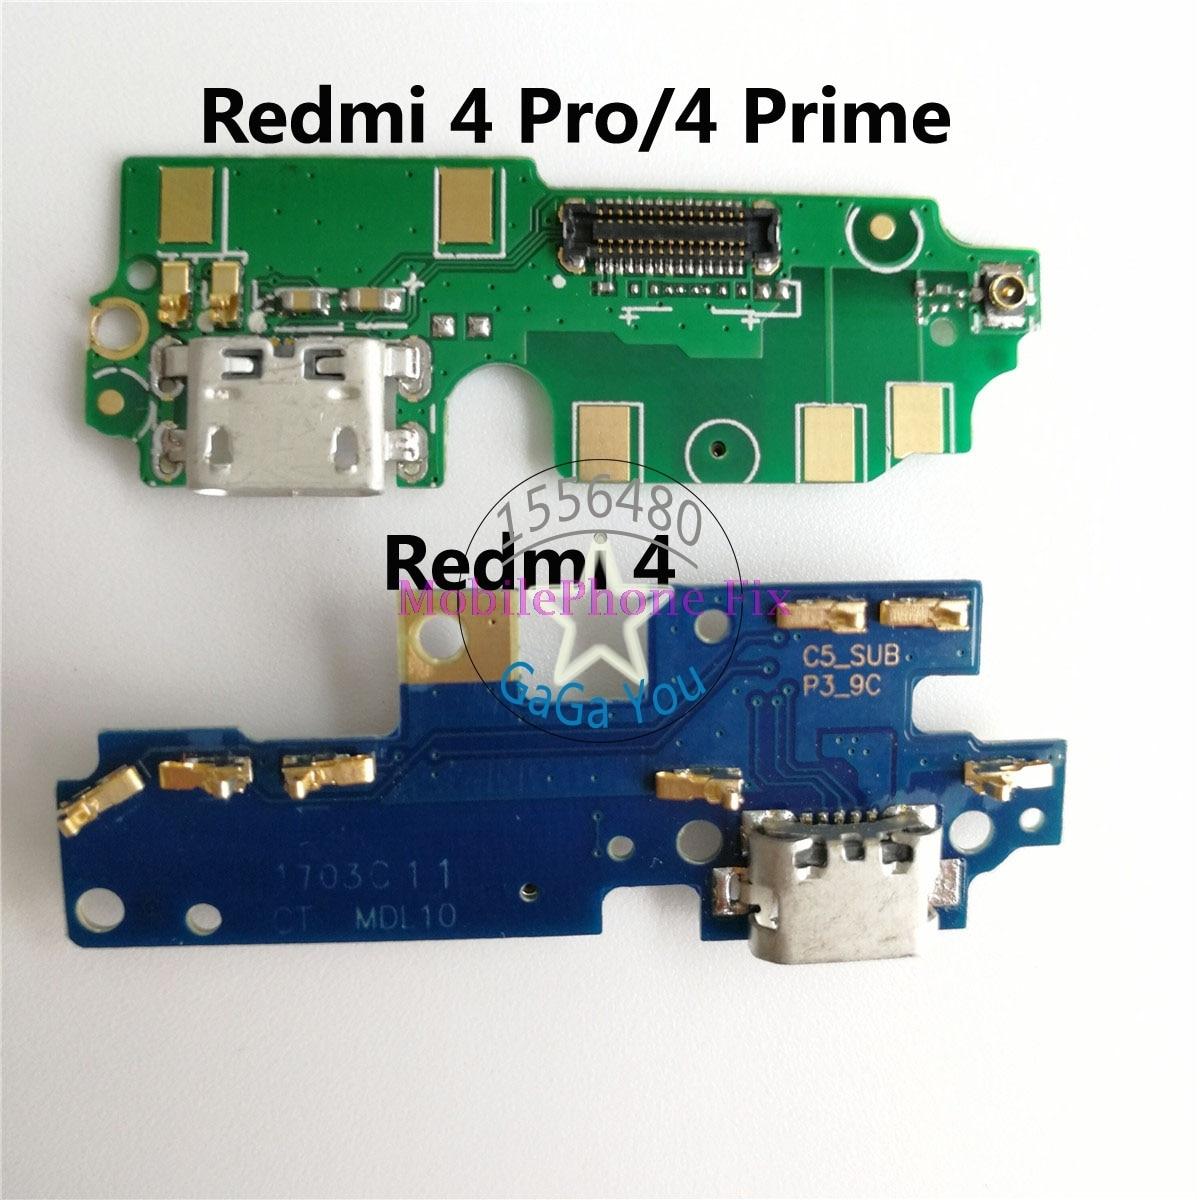 For Xiaomi Redmi 4/ Redmi 4 Pro Prime Micro Dock Connector Board USB Charging Port Flex Cable with Mircrophone Modules PartsFor Xiaomi Redmi 4/ Redmi 4 Pro Prime Micro Dock Connector Board USB Charging Port Flex Cable with Mircrophone Modules Parts